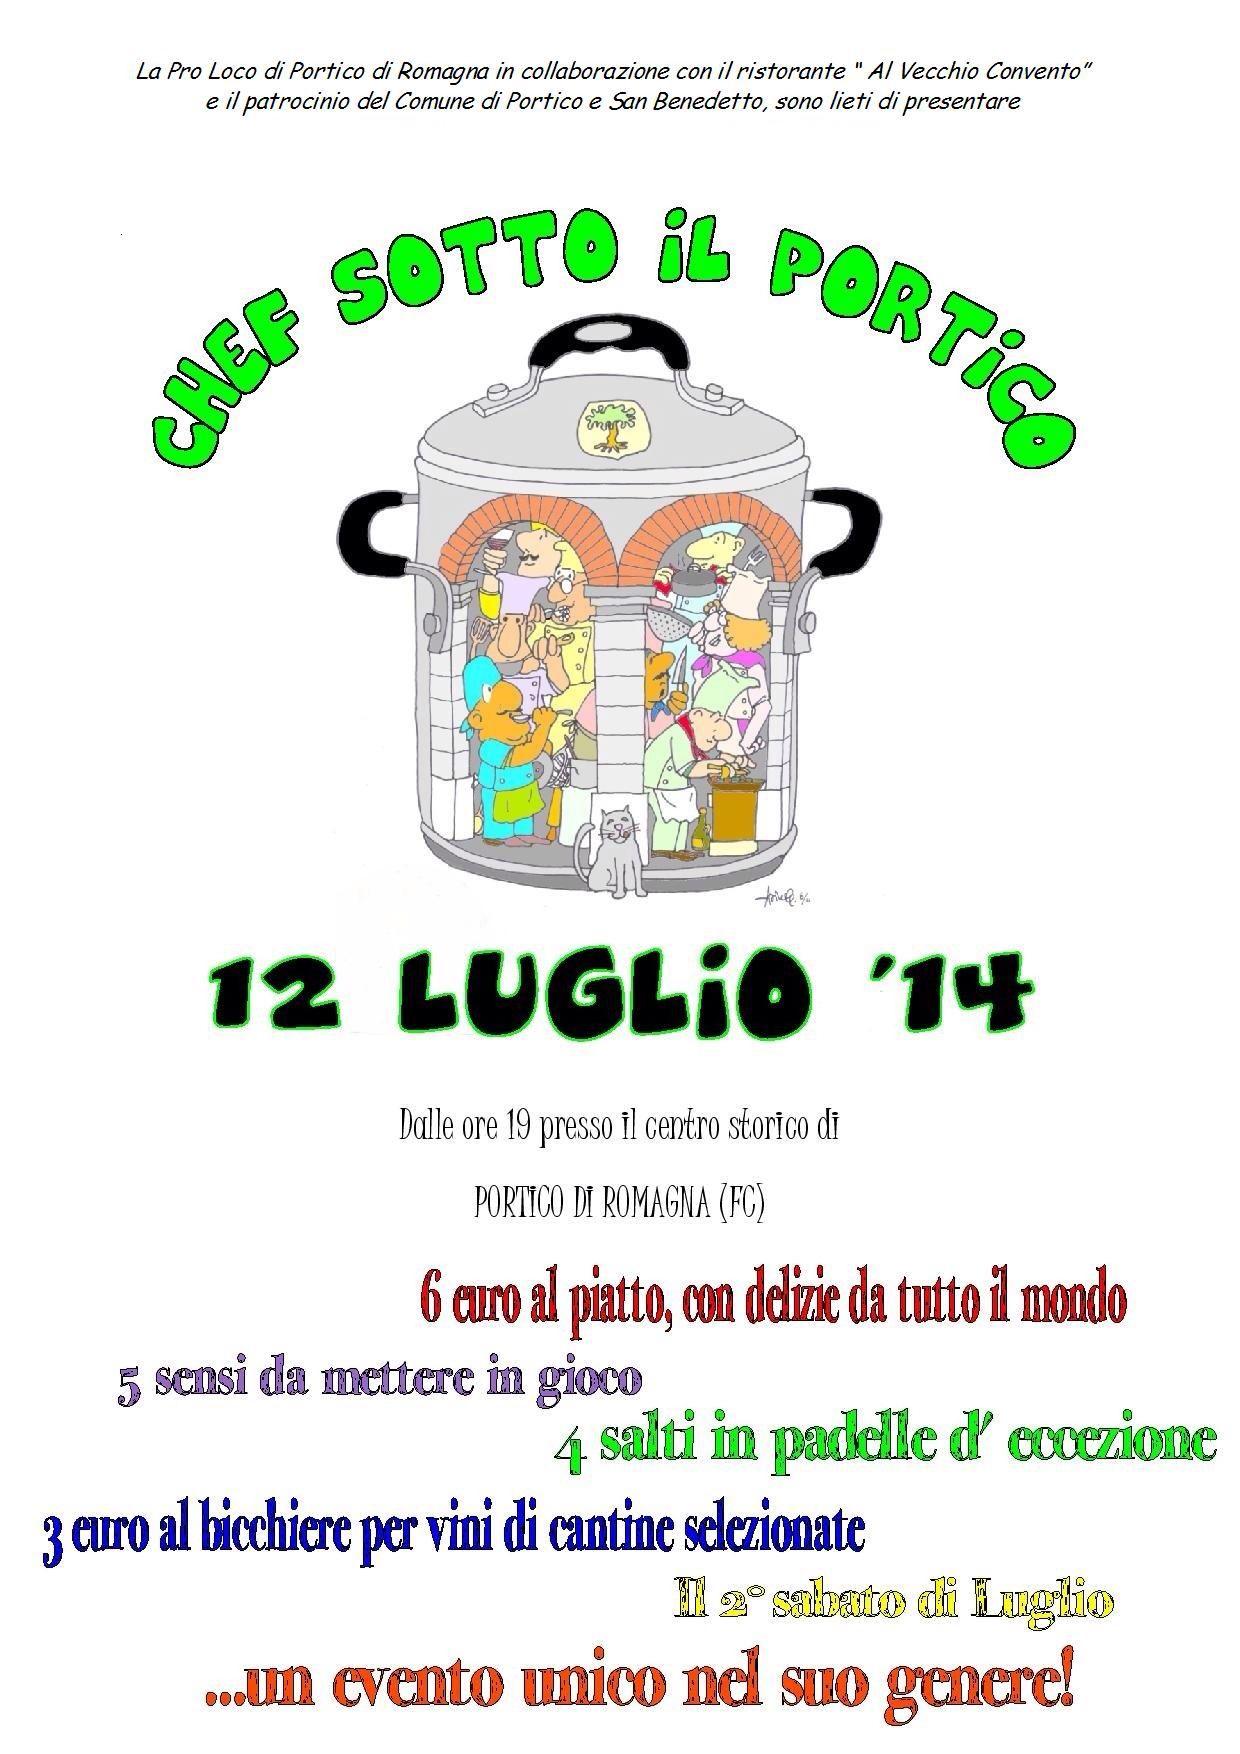 Events in Portico di Romagna (FC) Italy  Follow us on Facebook Proloco Portico di Romagna